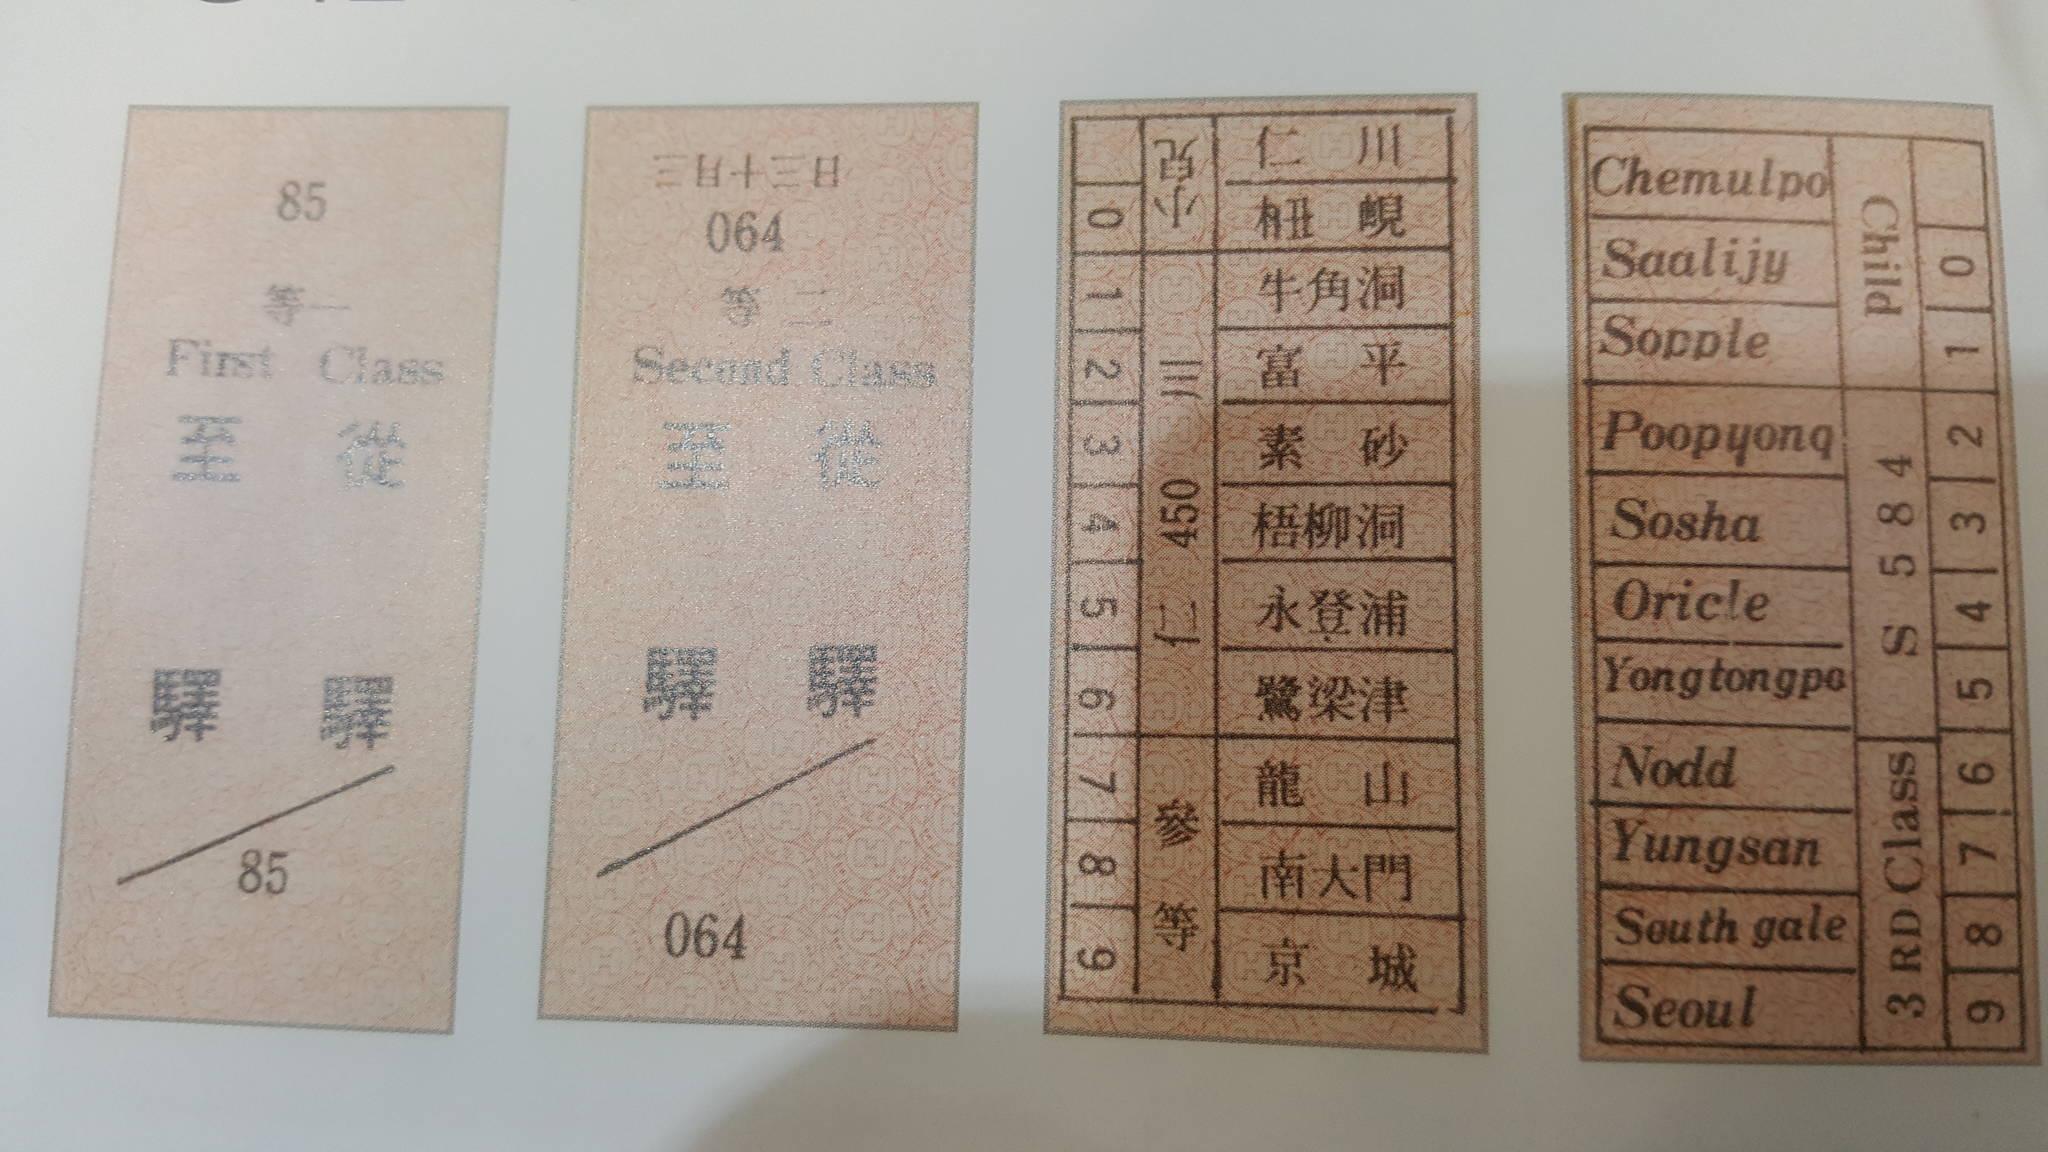 경의선 승차권 복제품. 한자와 영문 표기명이 선명하게 보인다. [사진 코레일]